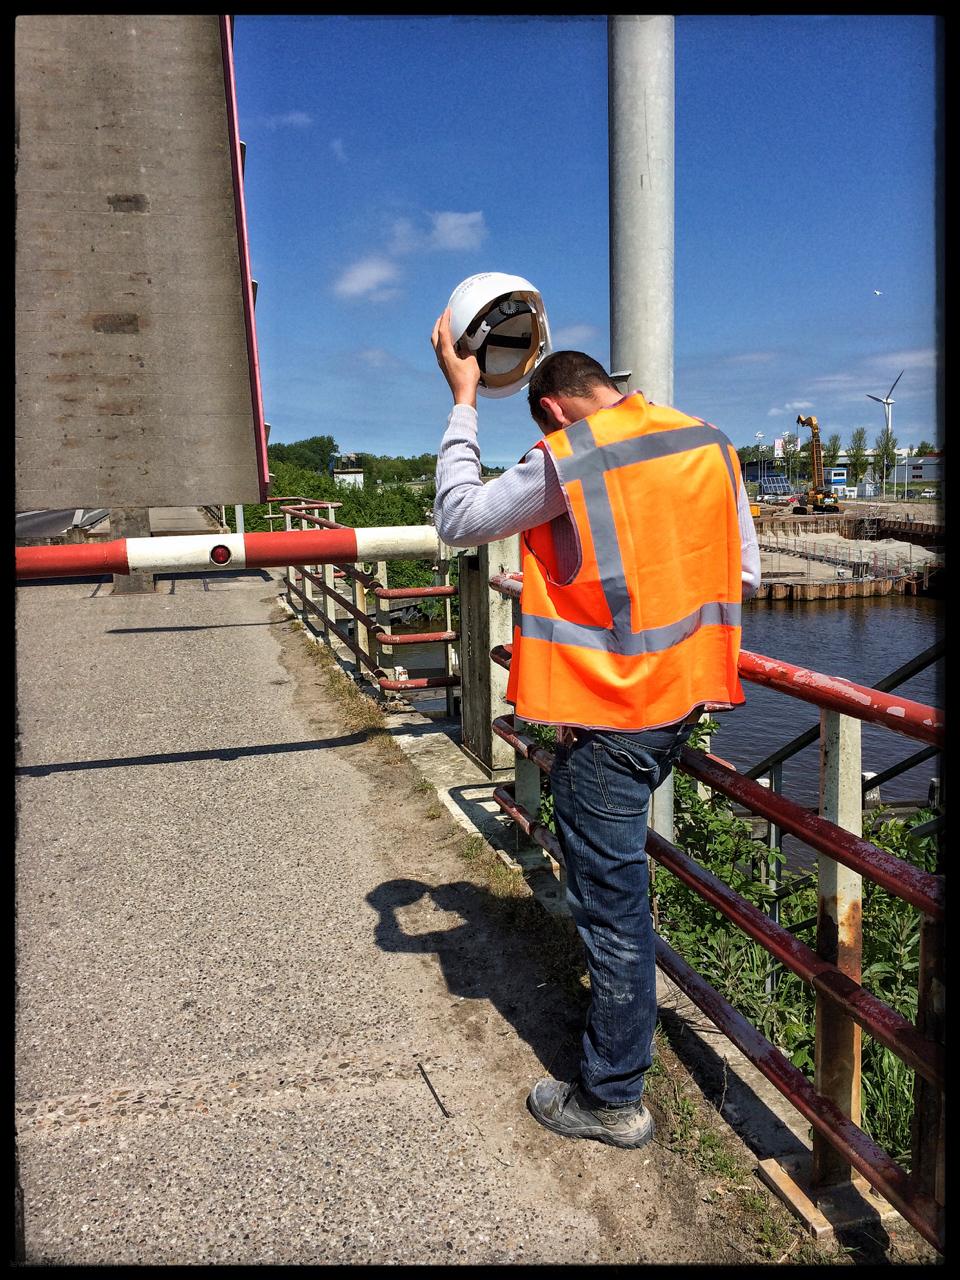 brug bridge worker